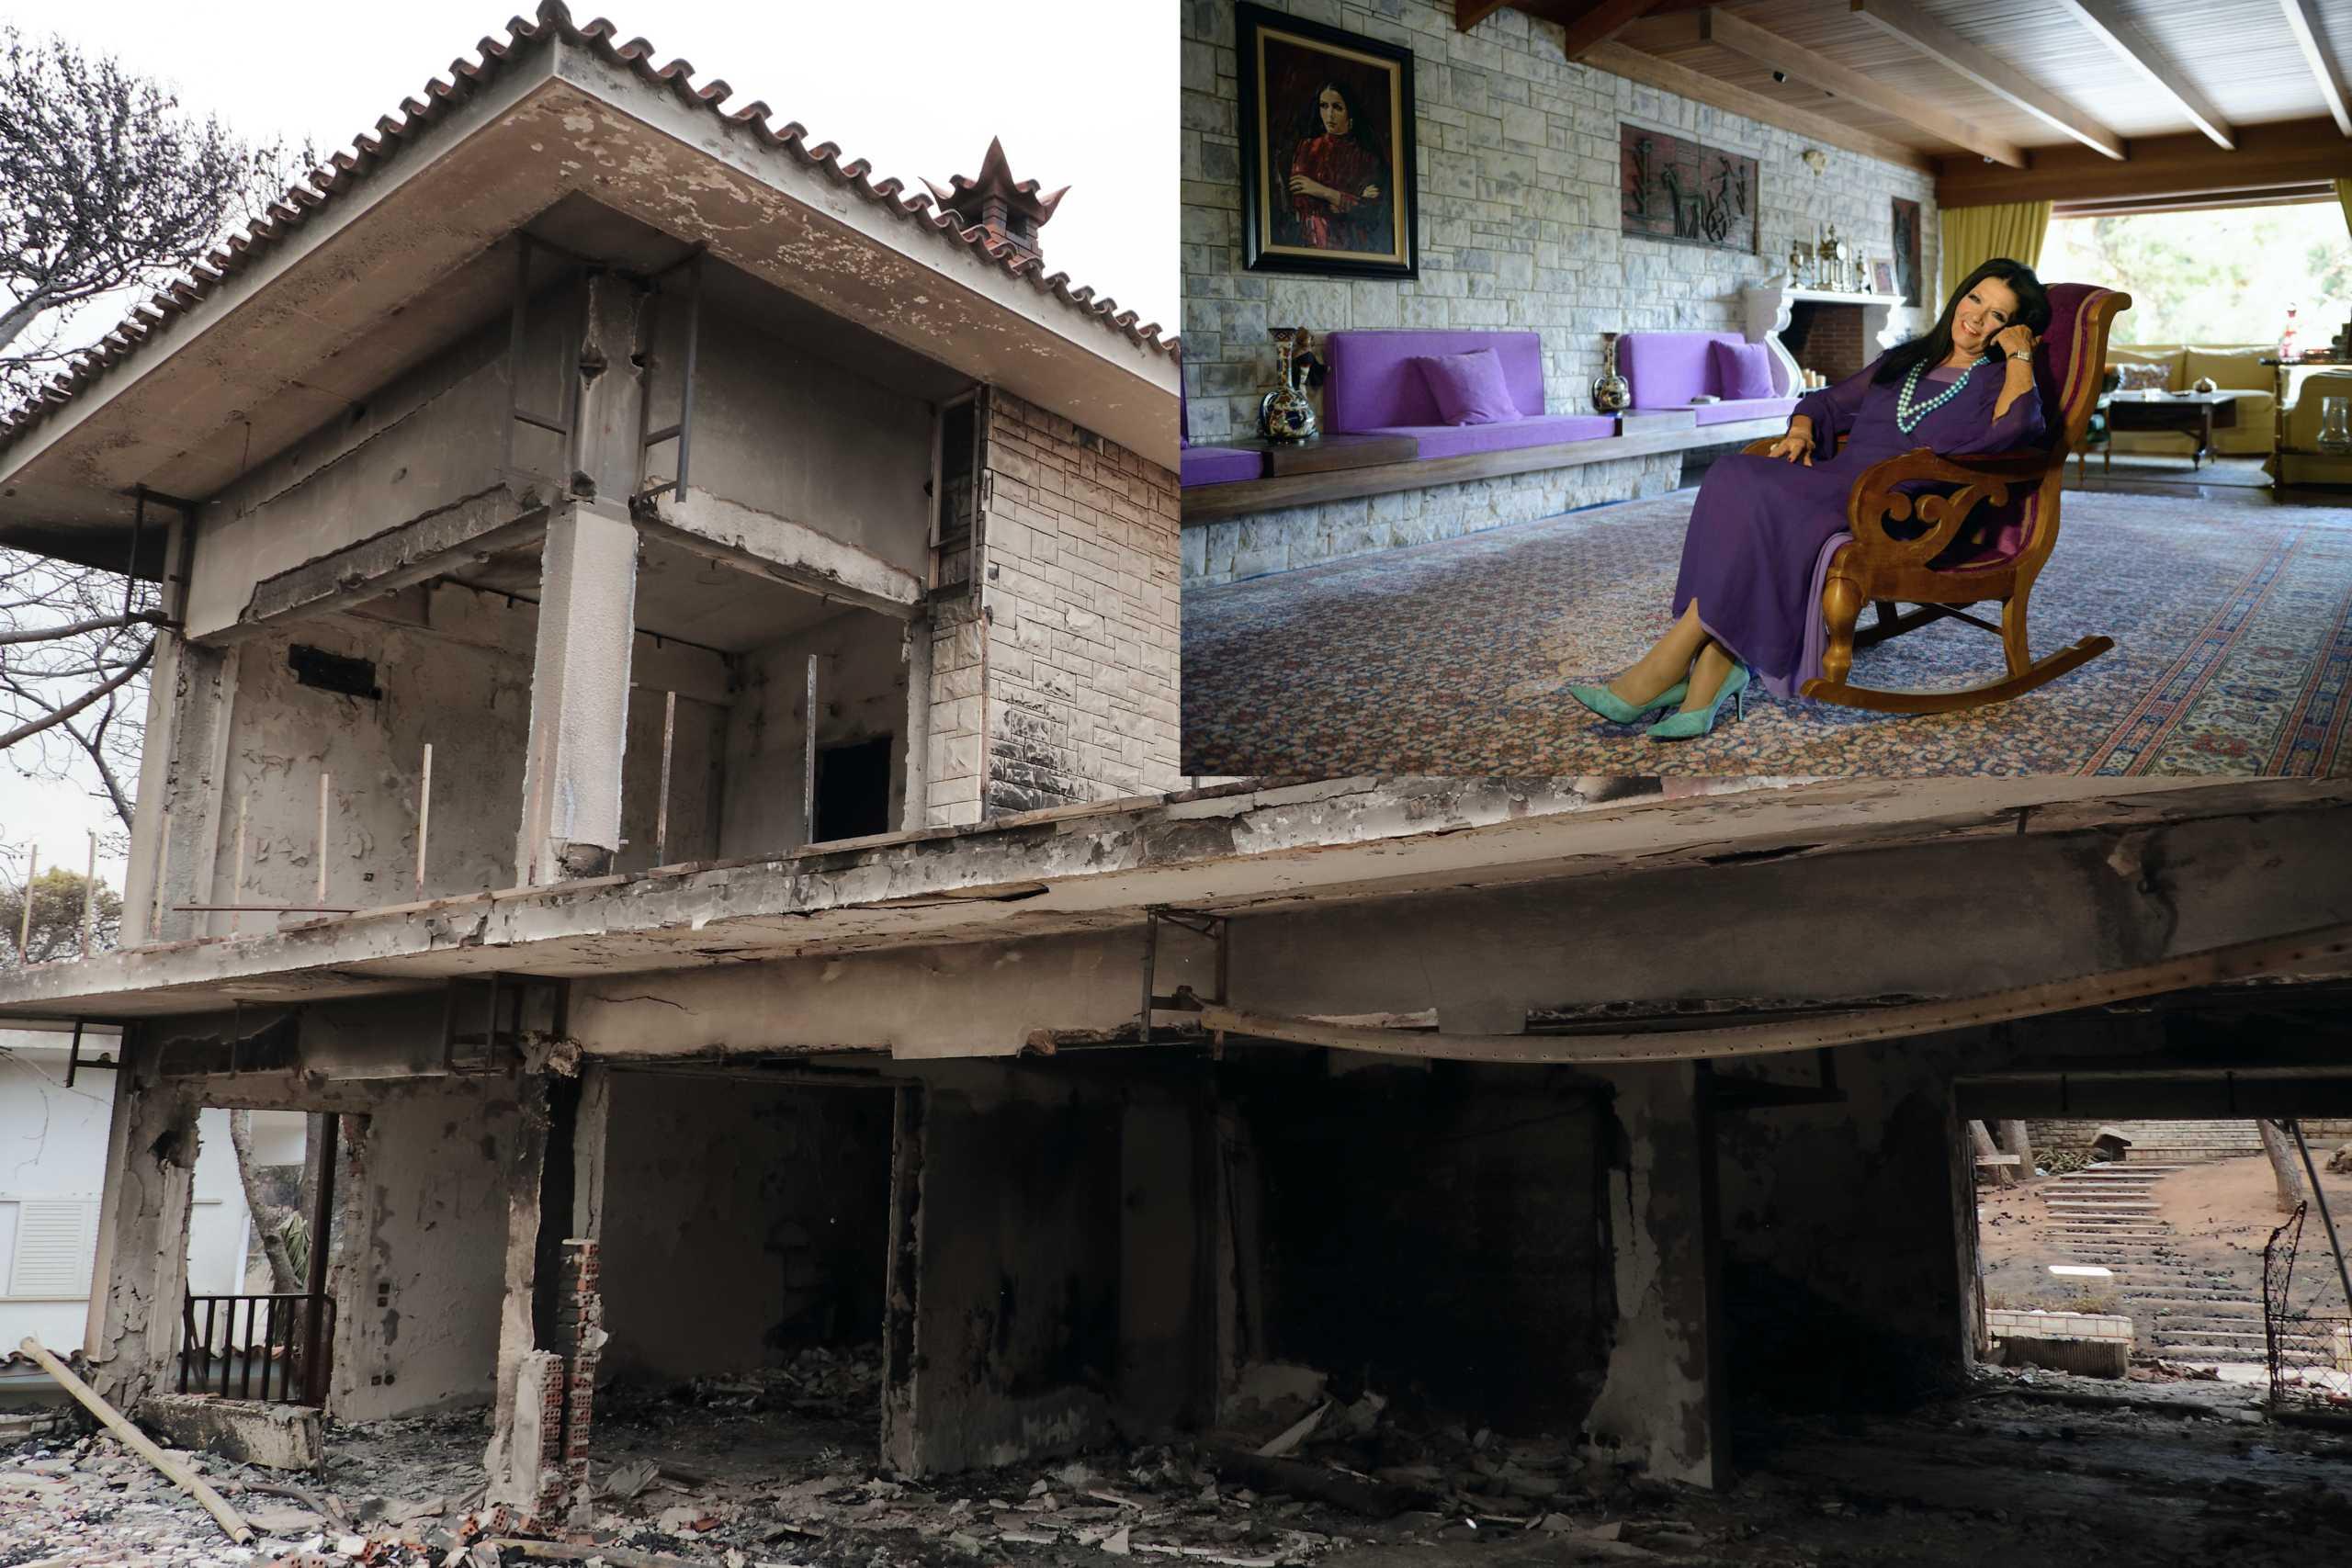 Ζωζώ Σαπουντζάκη: Οι μνήμες από την καταστροφική πυρκαγιά στην Κινέτα την «στοιχειώνουν» (pics)